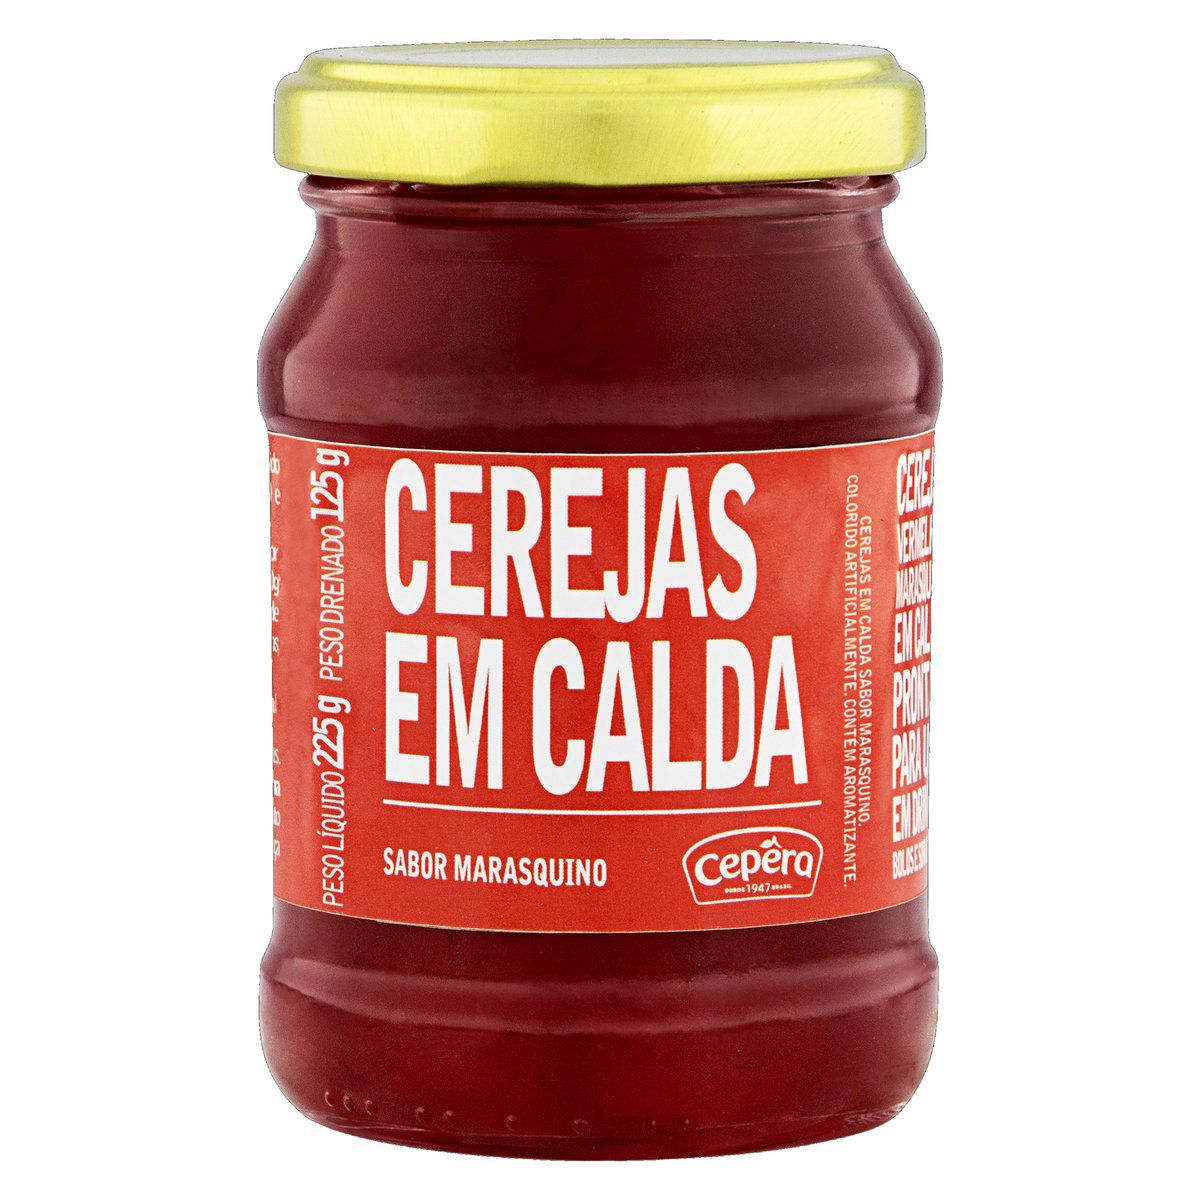 Cereja em Calda Sabor Maraschino 125g